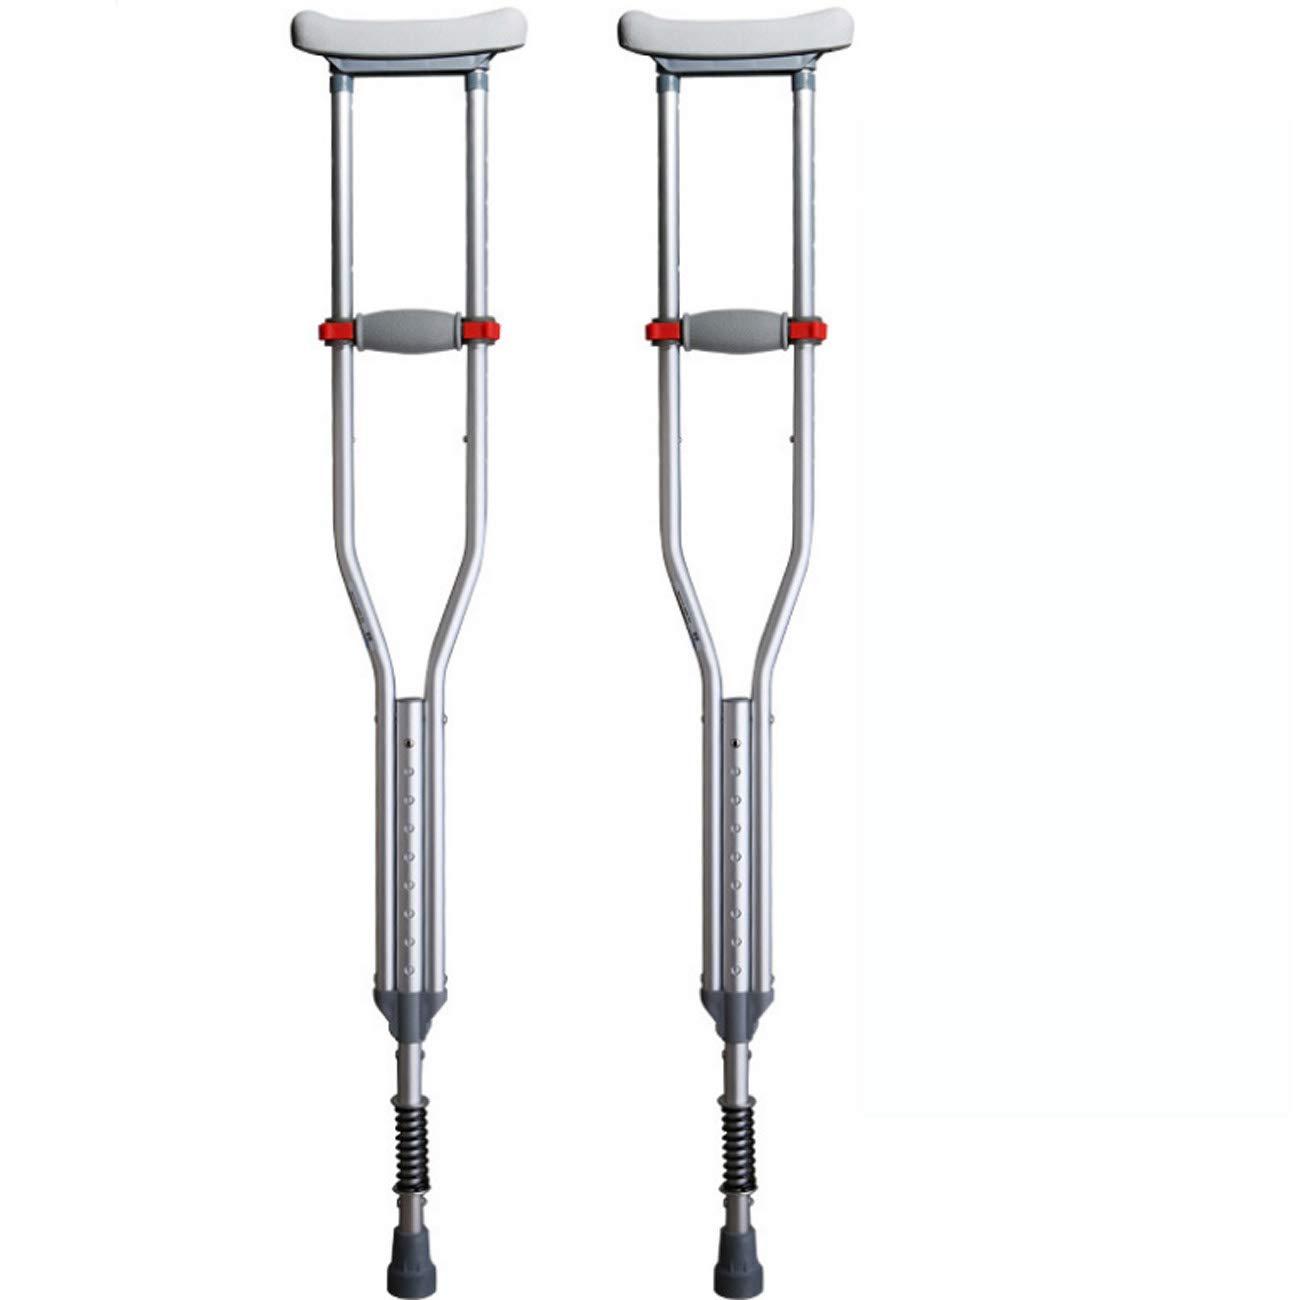 【お気に入り】 春のダンピング装置を備えた脇の下の松葉杖 Two、障害者用のリハビリ用歩行用スティック B07G8CRTGZ B07G8CRTGZ Two Two, ROYAL MOON:742bdf90 --- a0267596.xsph.ru